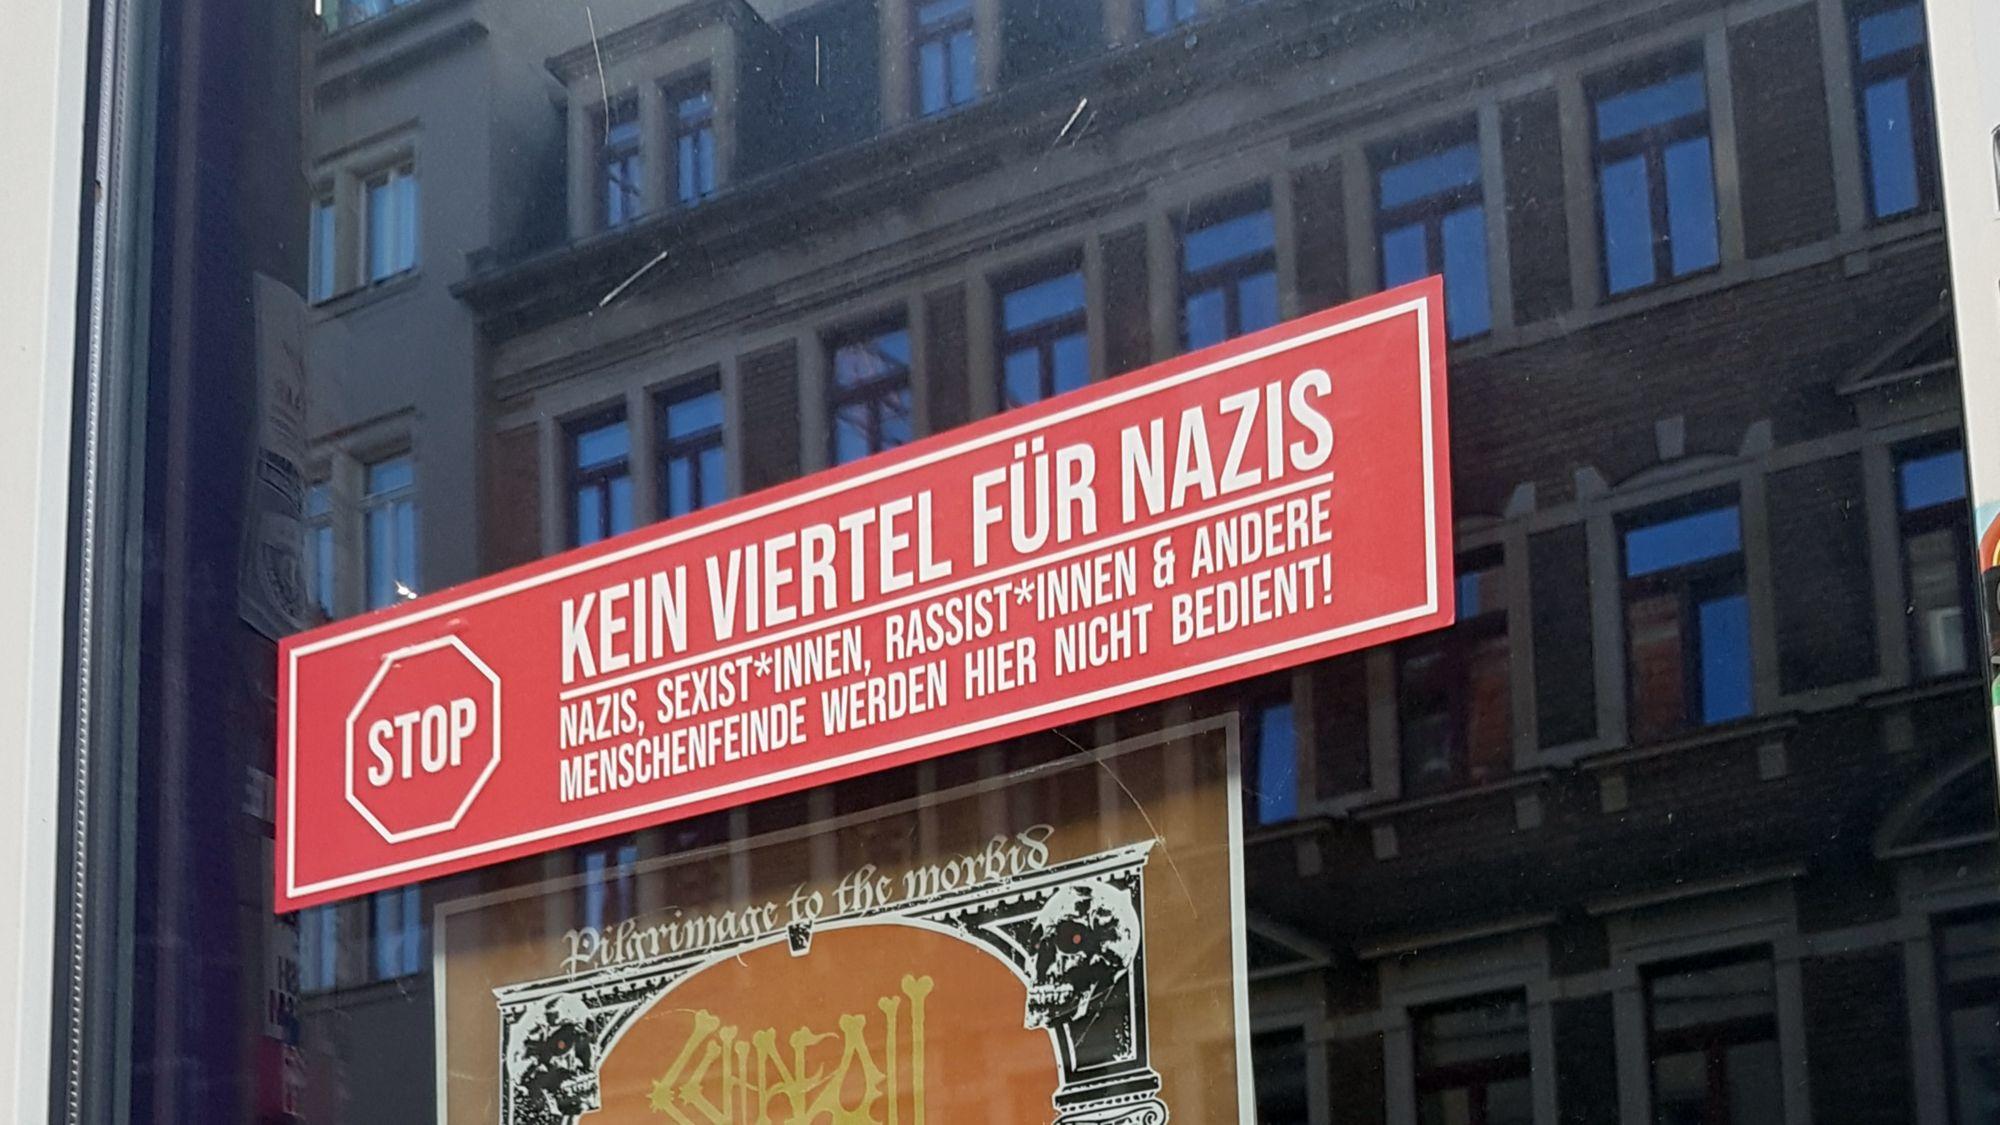 Kein Viertel für Nazis - Foto: URA